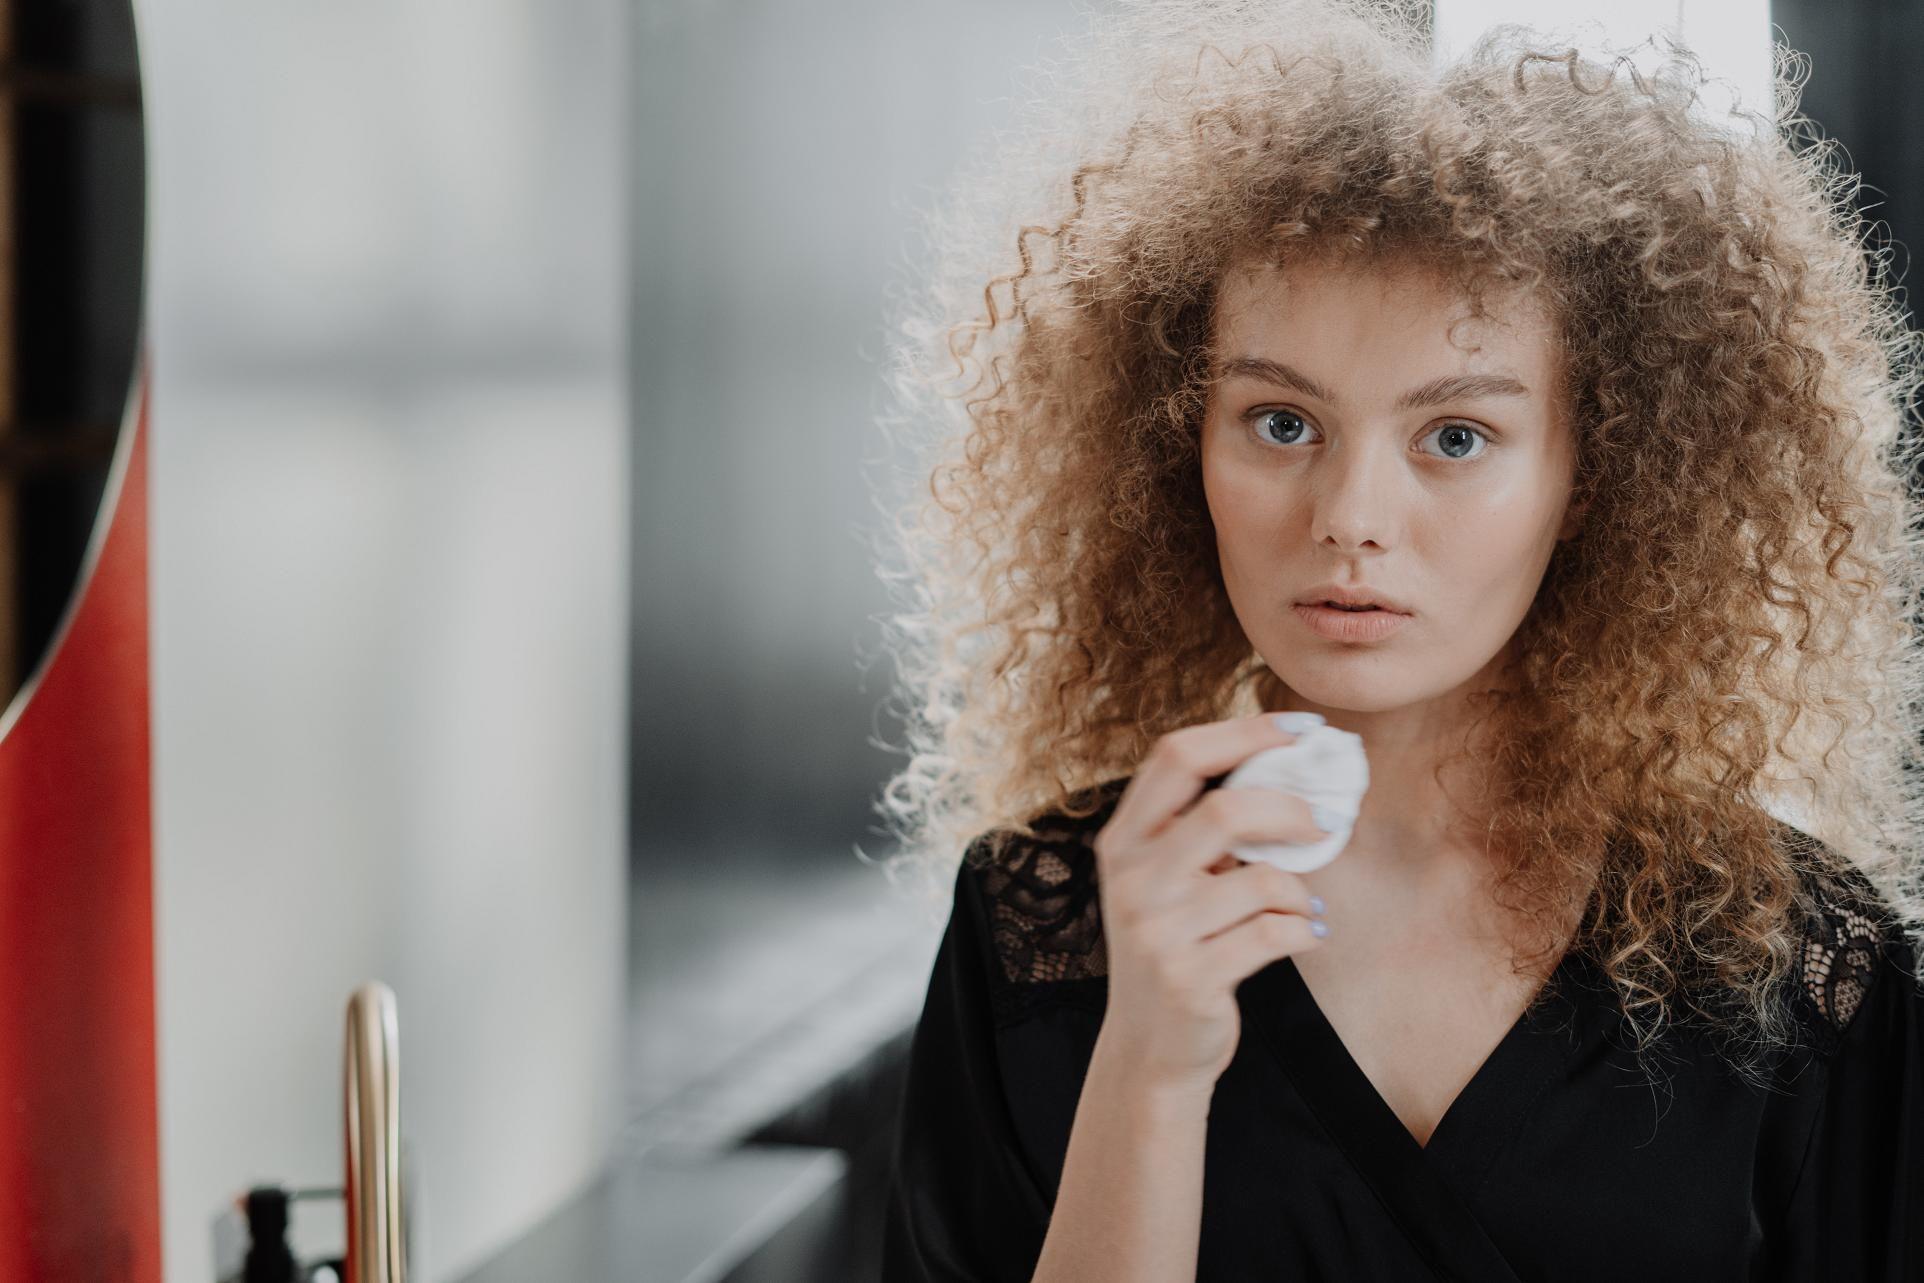 Η καλή υγεία των μαλλιών είναι σημαντική γιατί σε αυτά αντανακλάται η γενικότερη κατάσταση της υγείας σας.